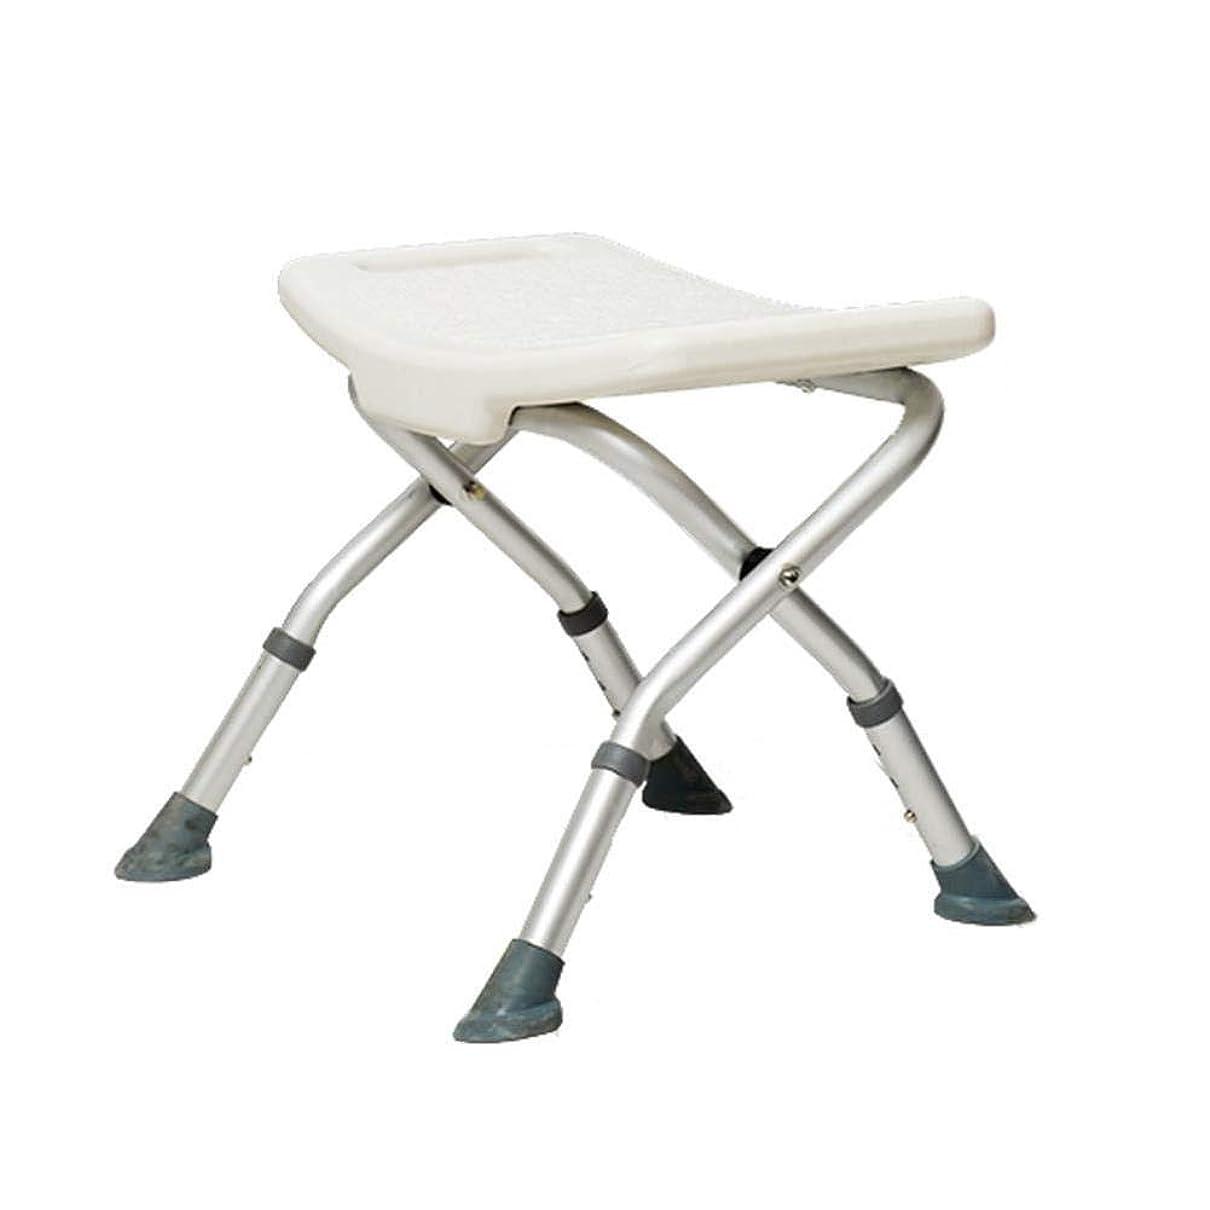 民間学習者節約するトイレチェアハンディキャップ用折りたたみ椅子